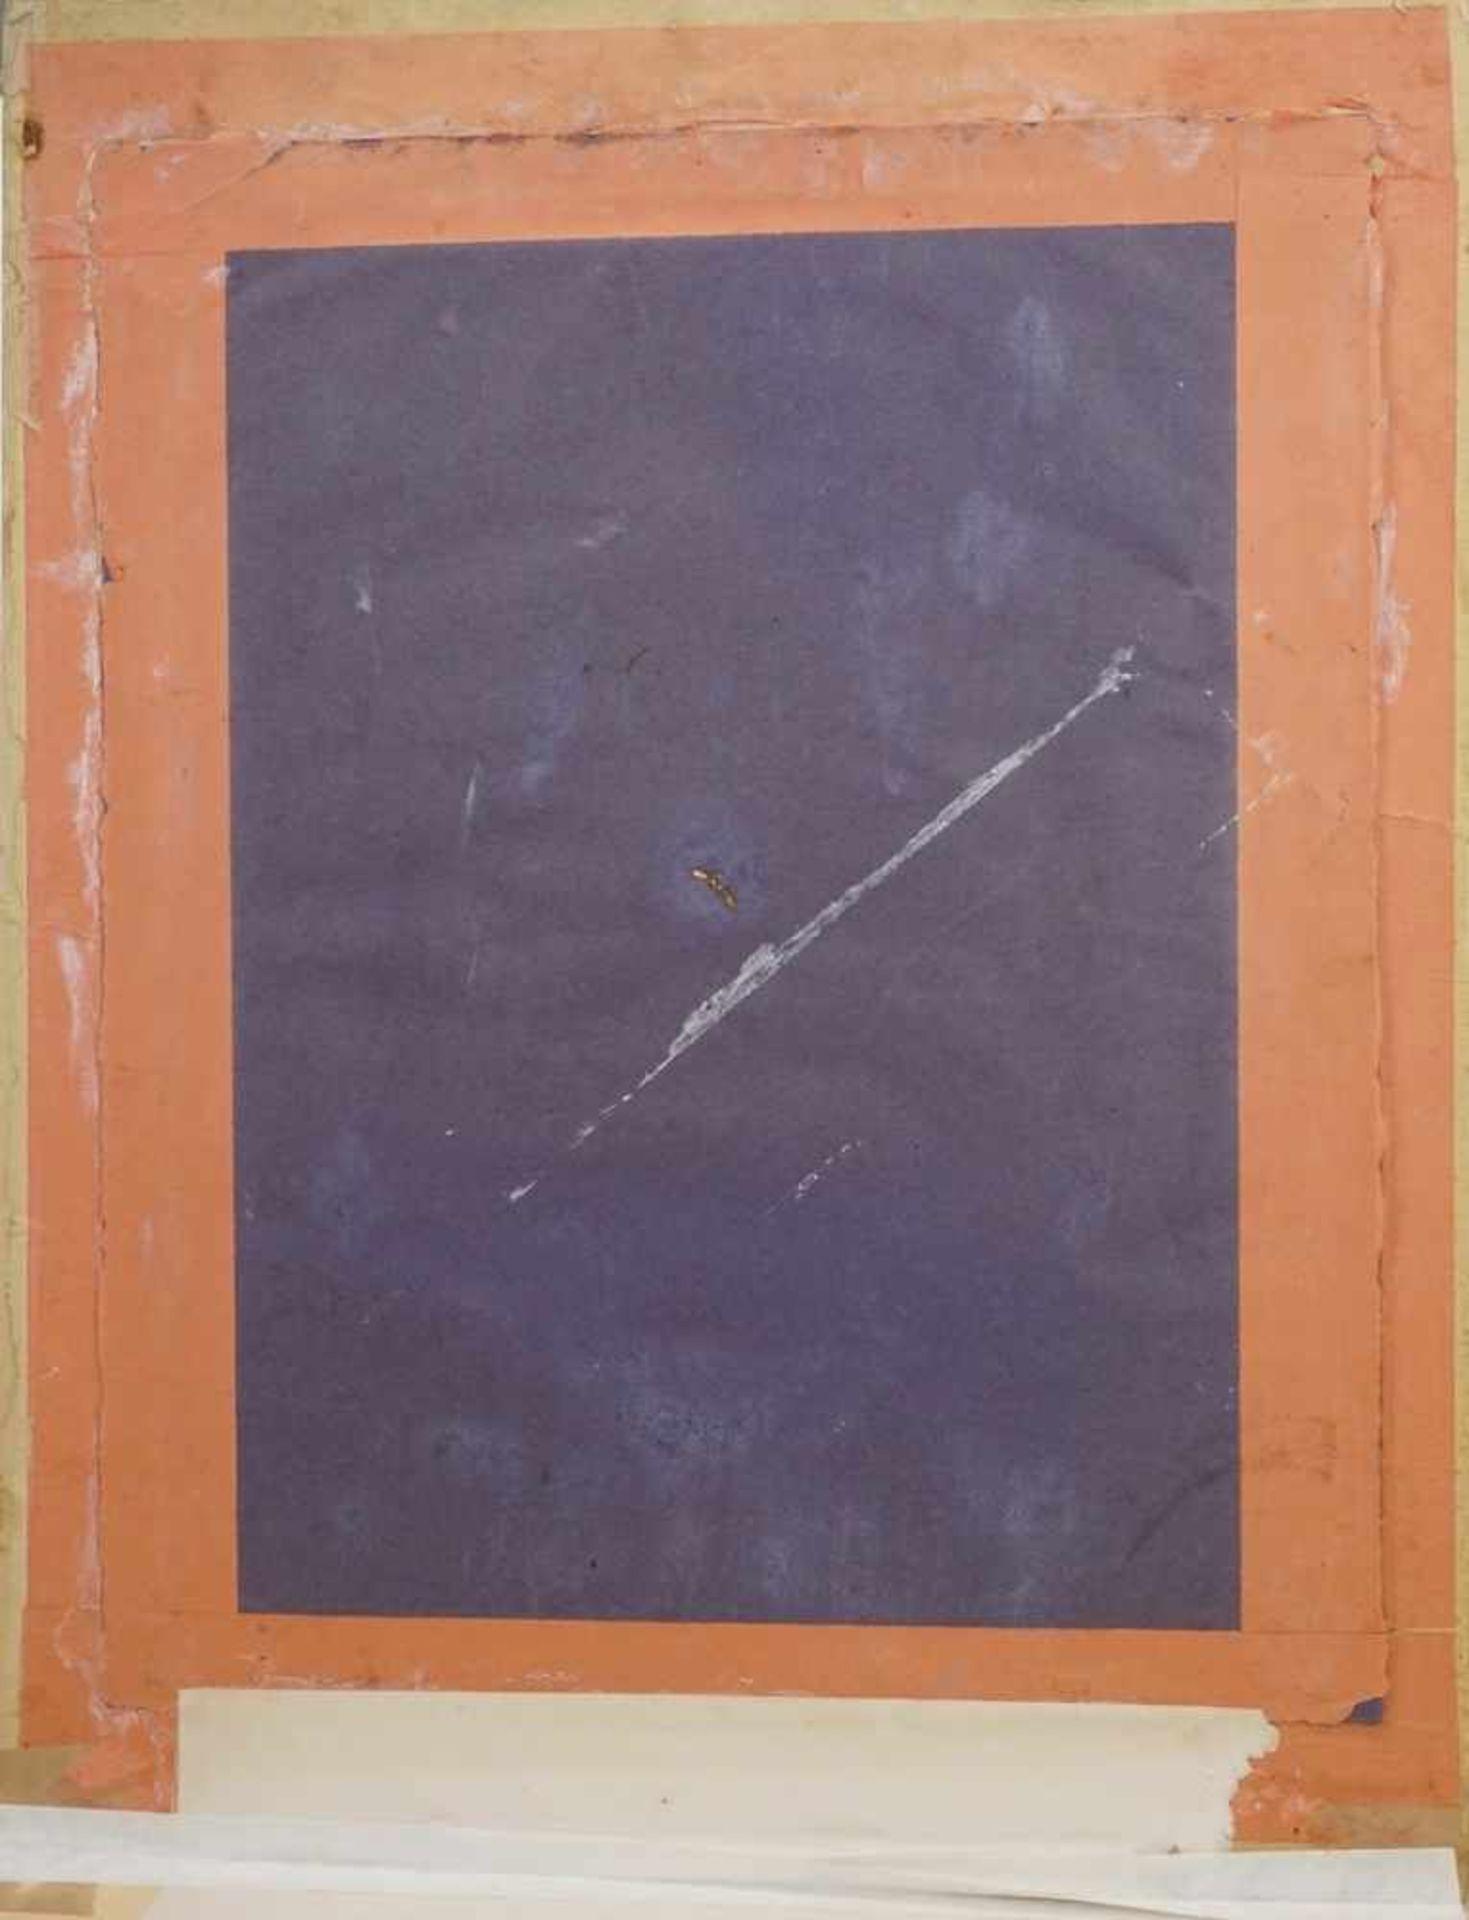 Reservisten-Erinnerungsbild, 1. Weltkrieg - Bild 4 aus 4